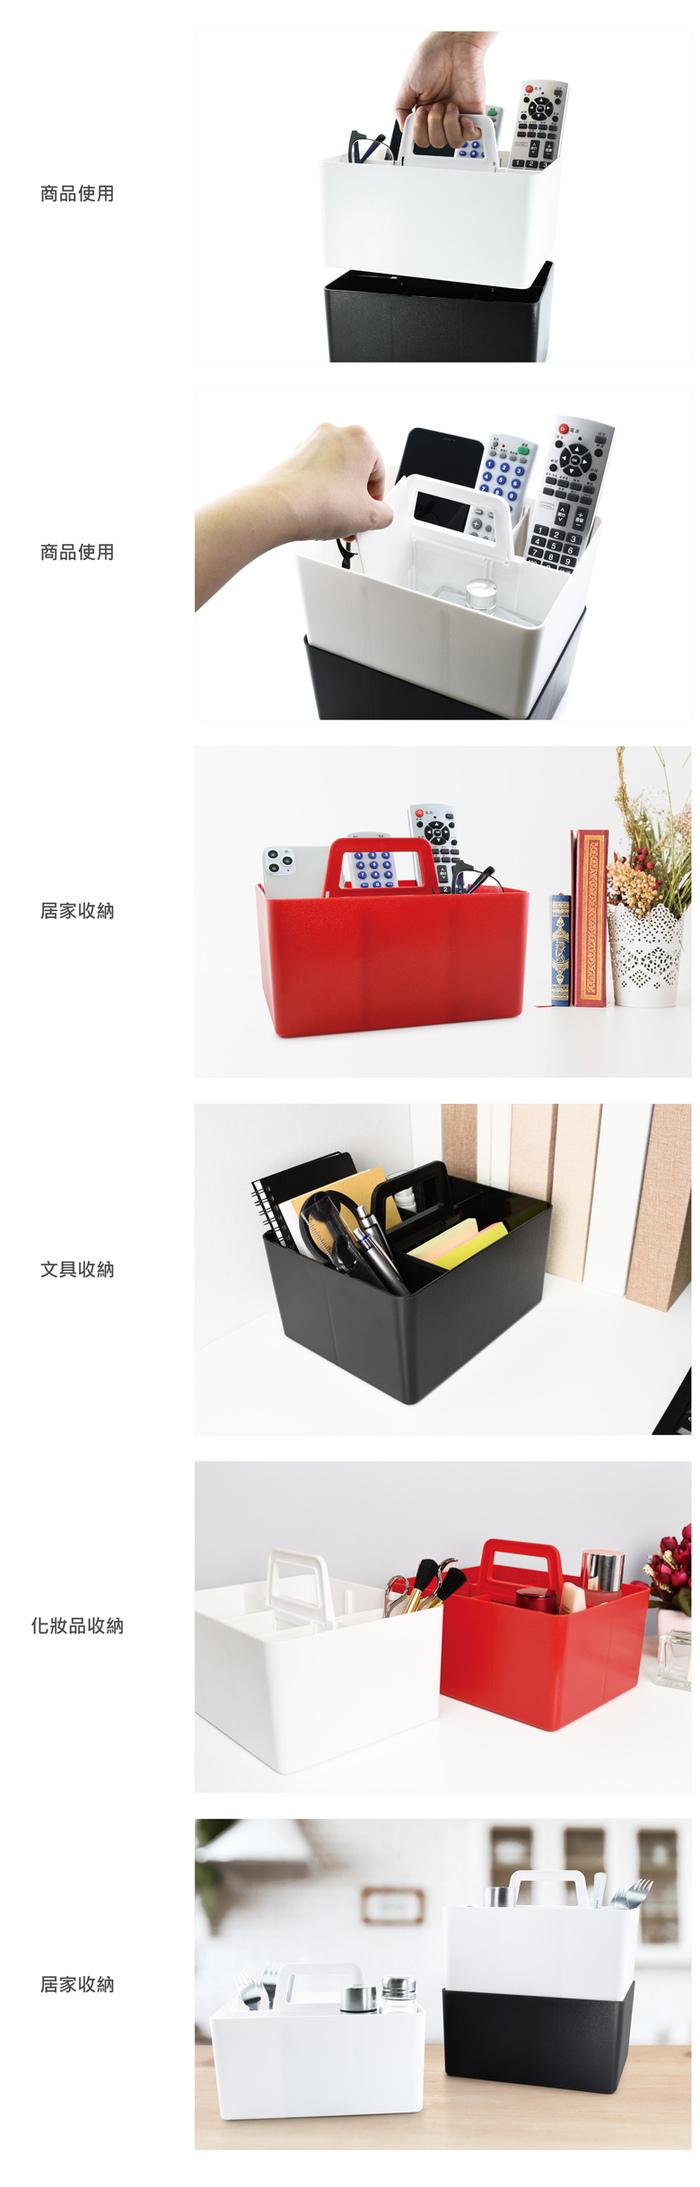 (複製)O-Life 手提式整理收納盒 兩件組 S-3202 (可堆疊收納盒 居家收納)